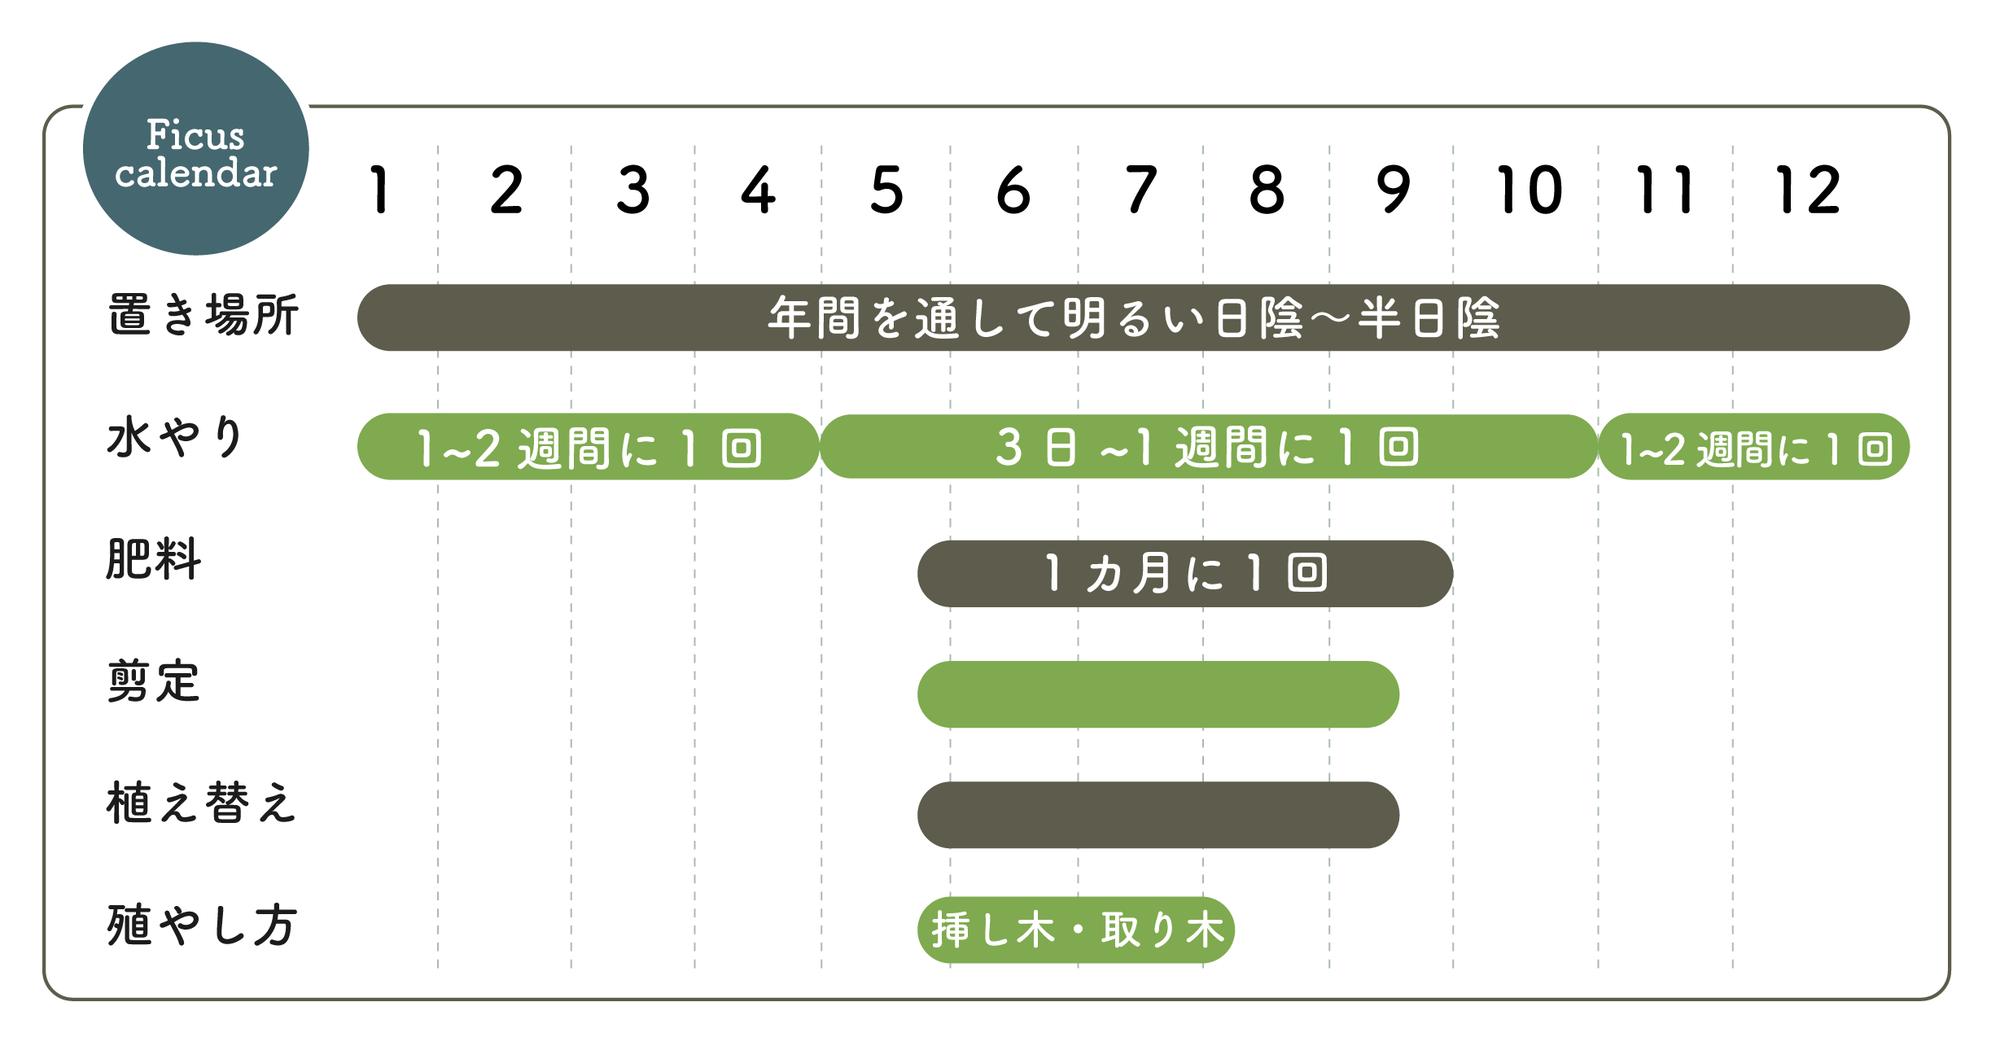 ゴムの木栽培カレンダー